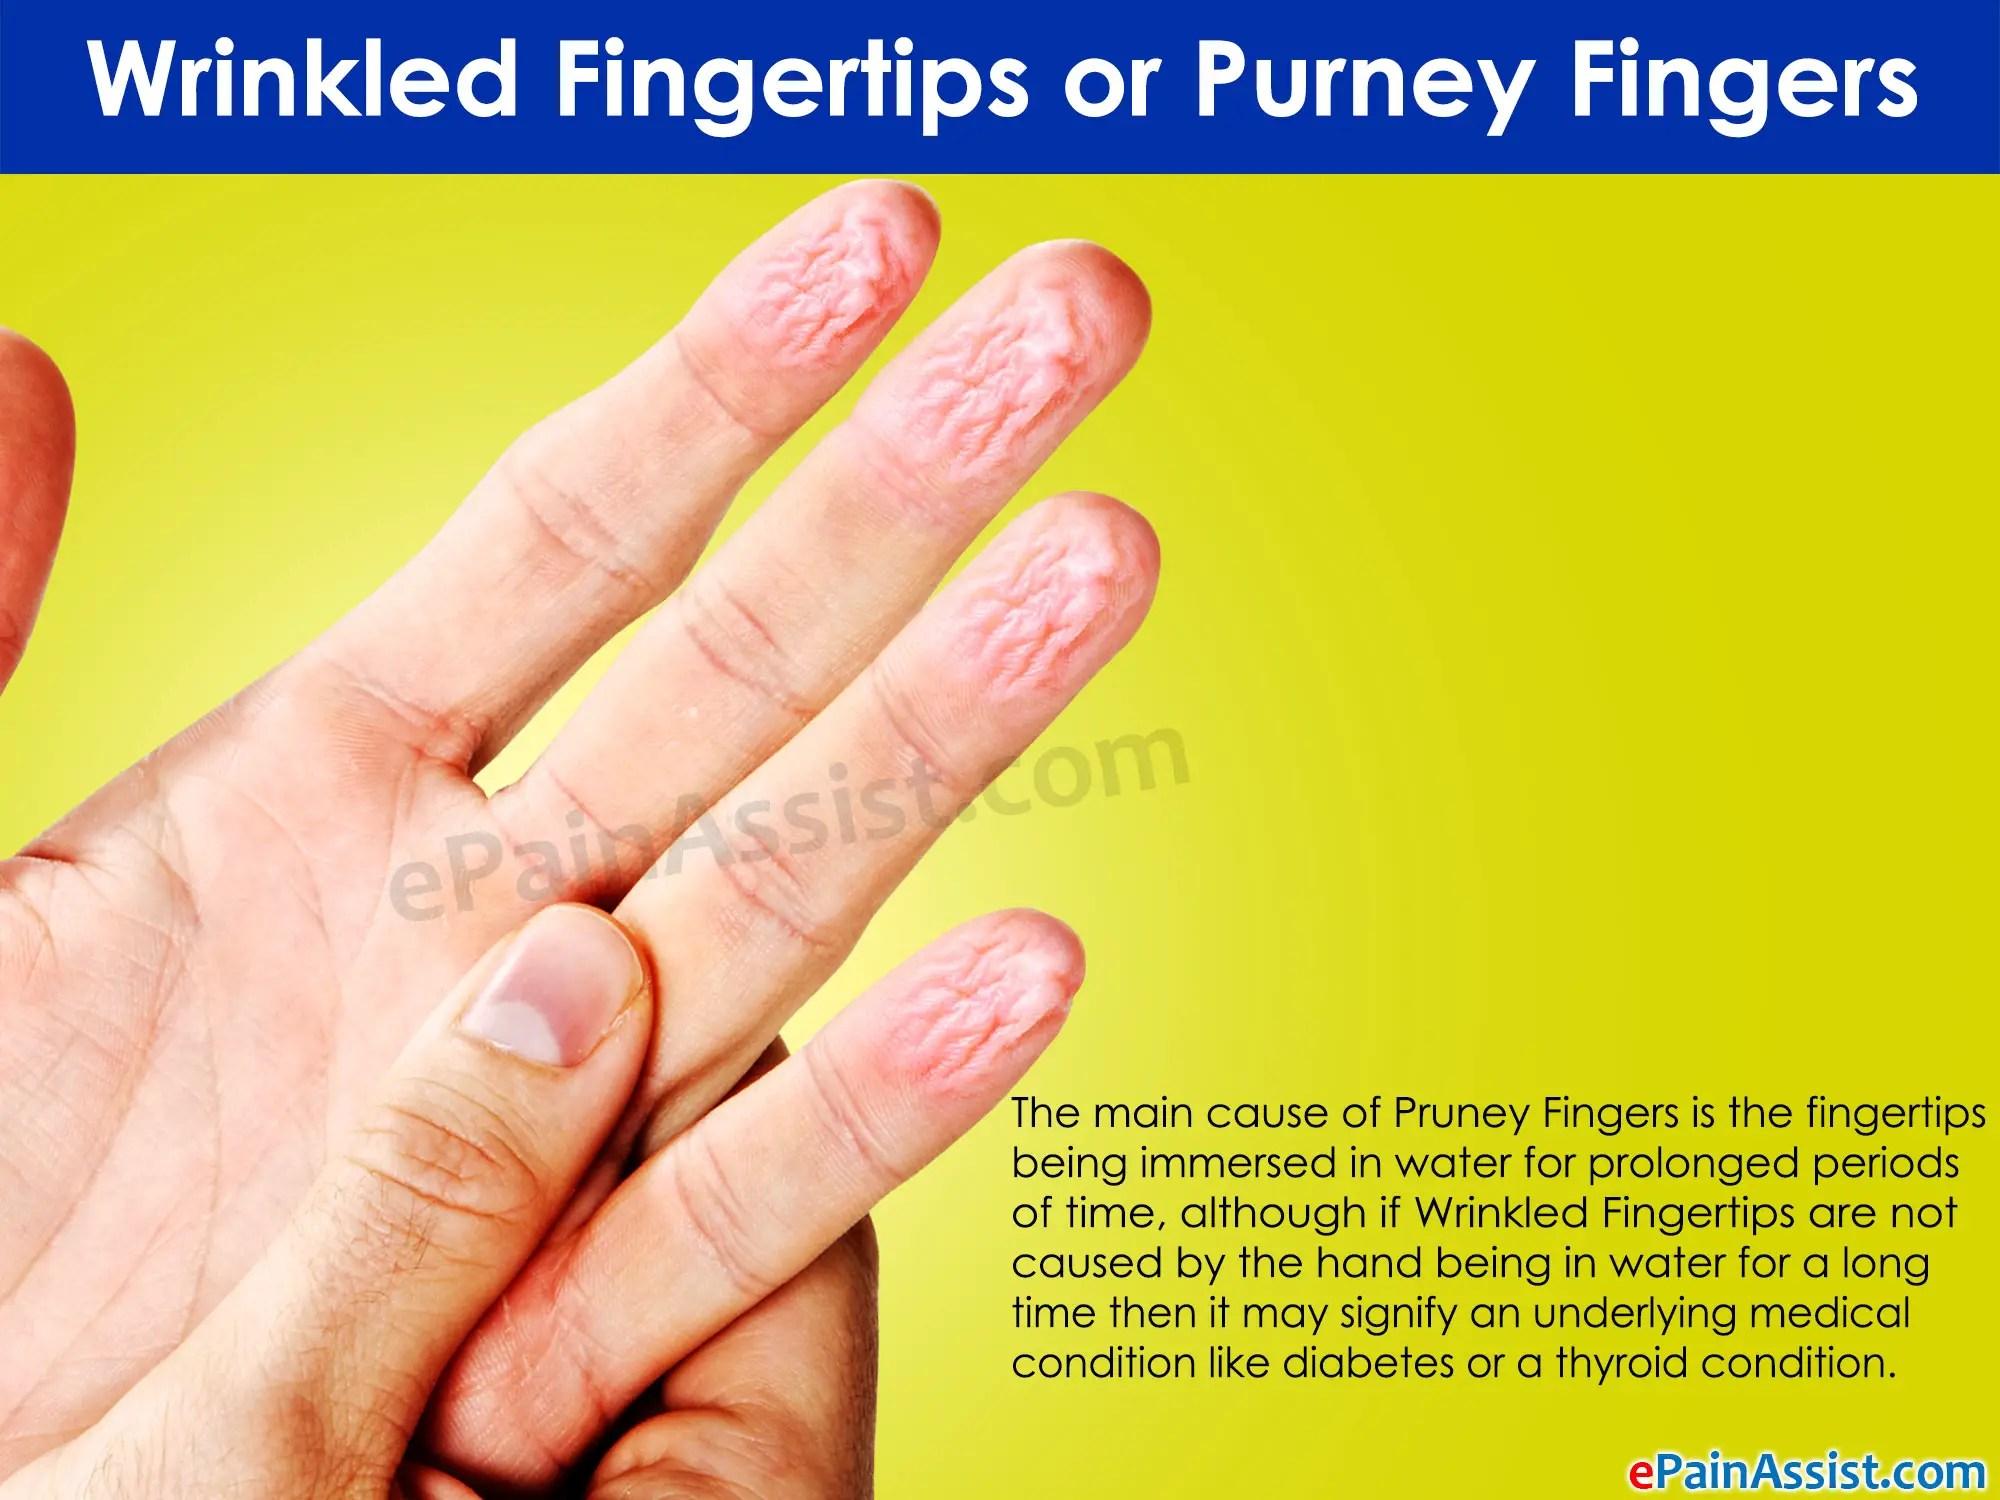 Wrinkled Fingertips What Do Pruney Fingers Indicate